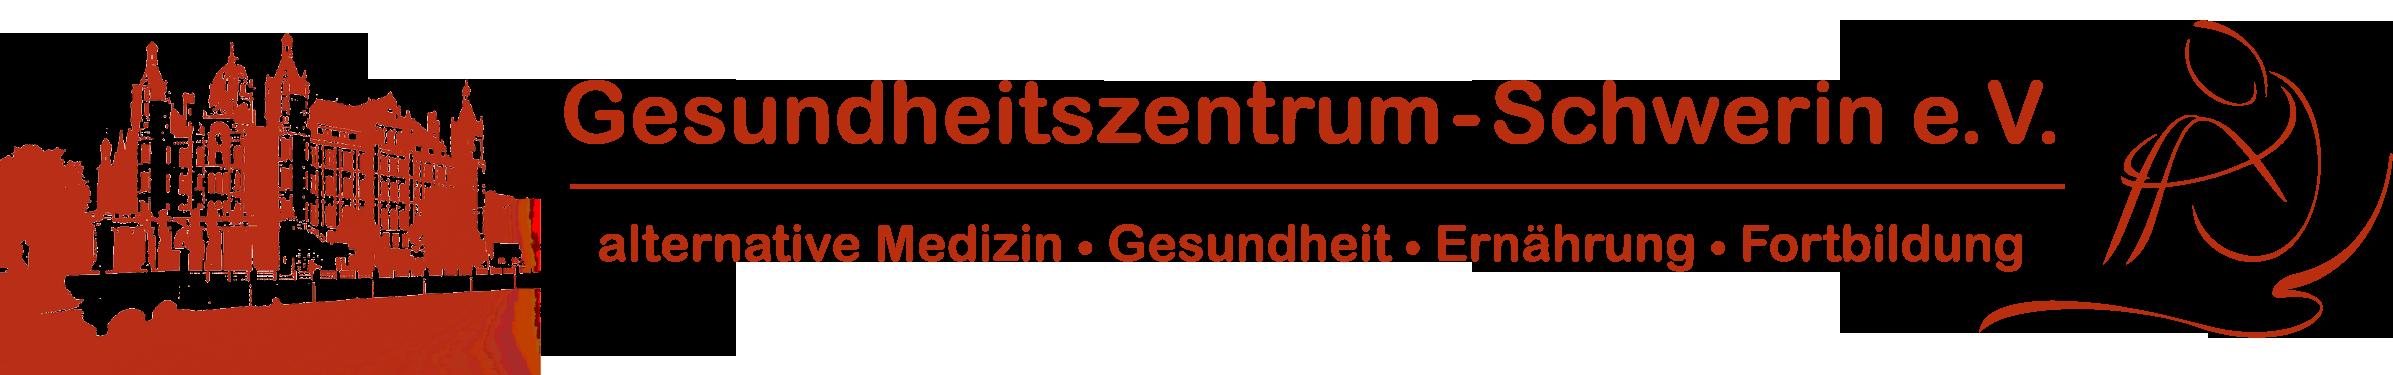 gesundheitszentrum-schwerin.de